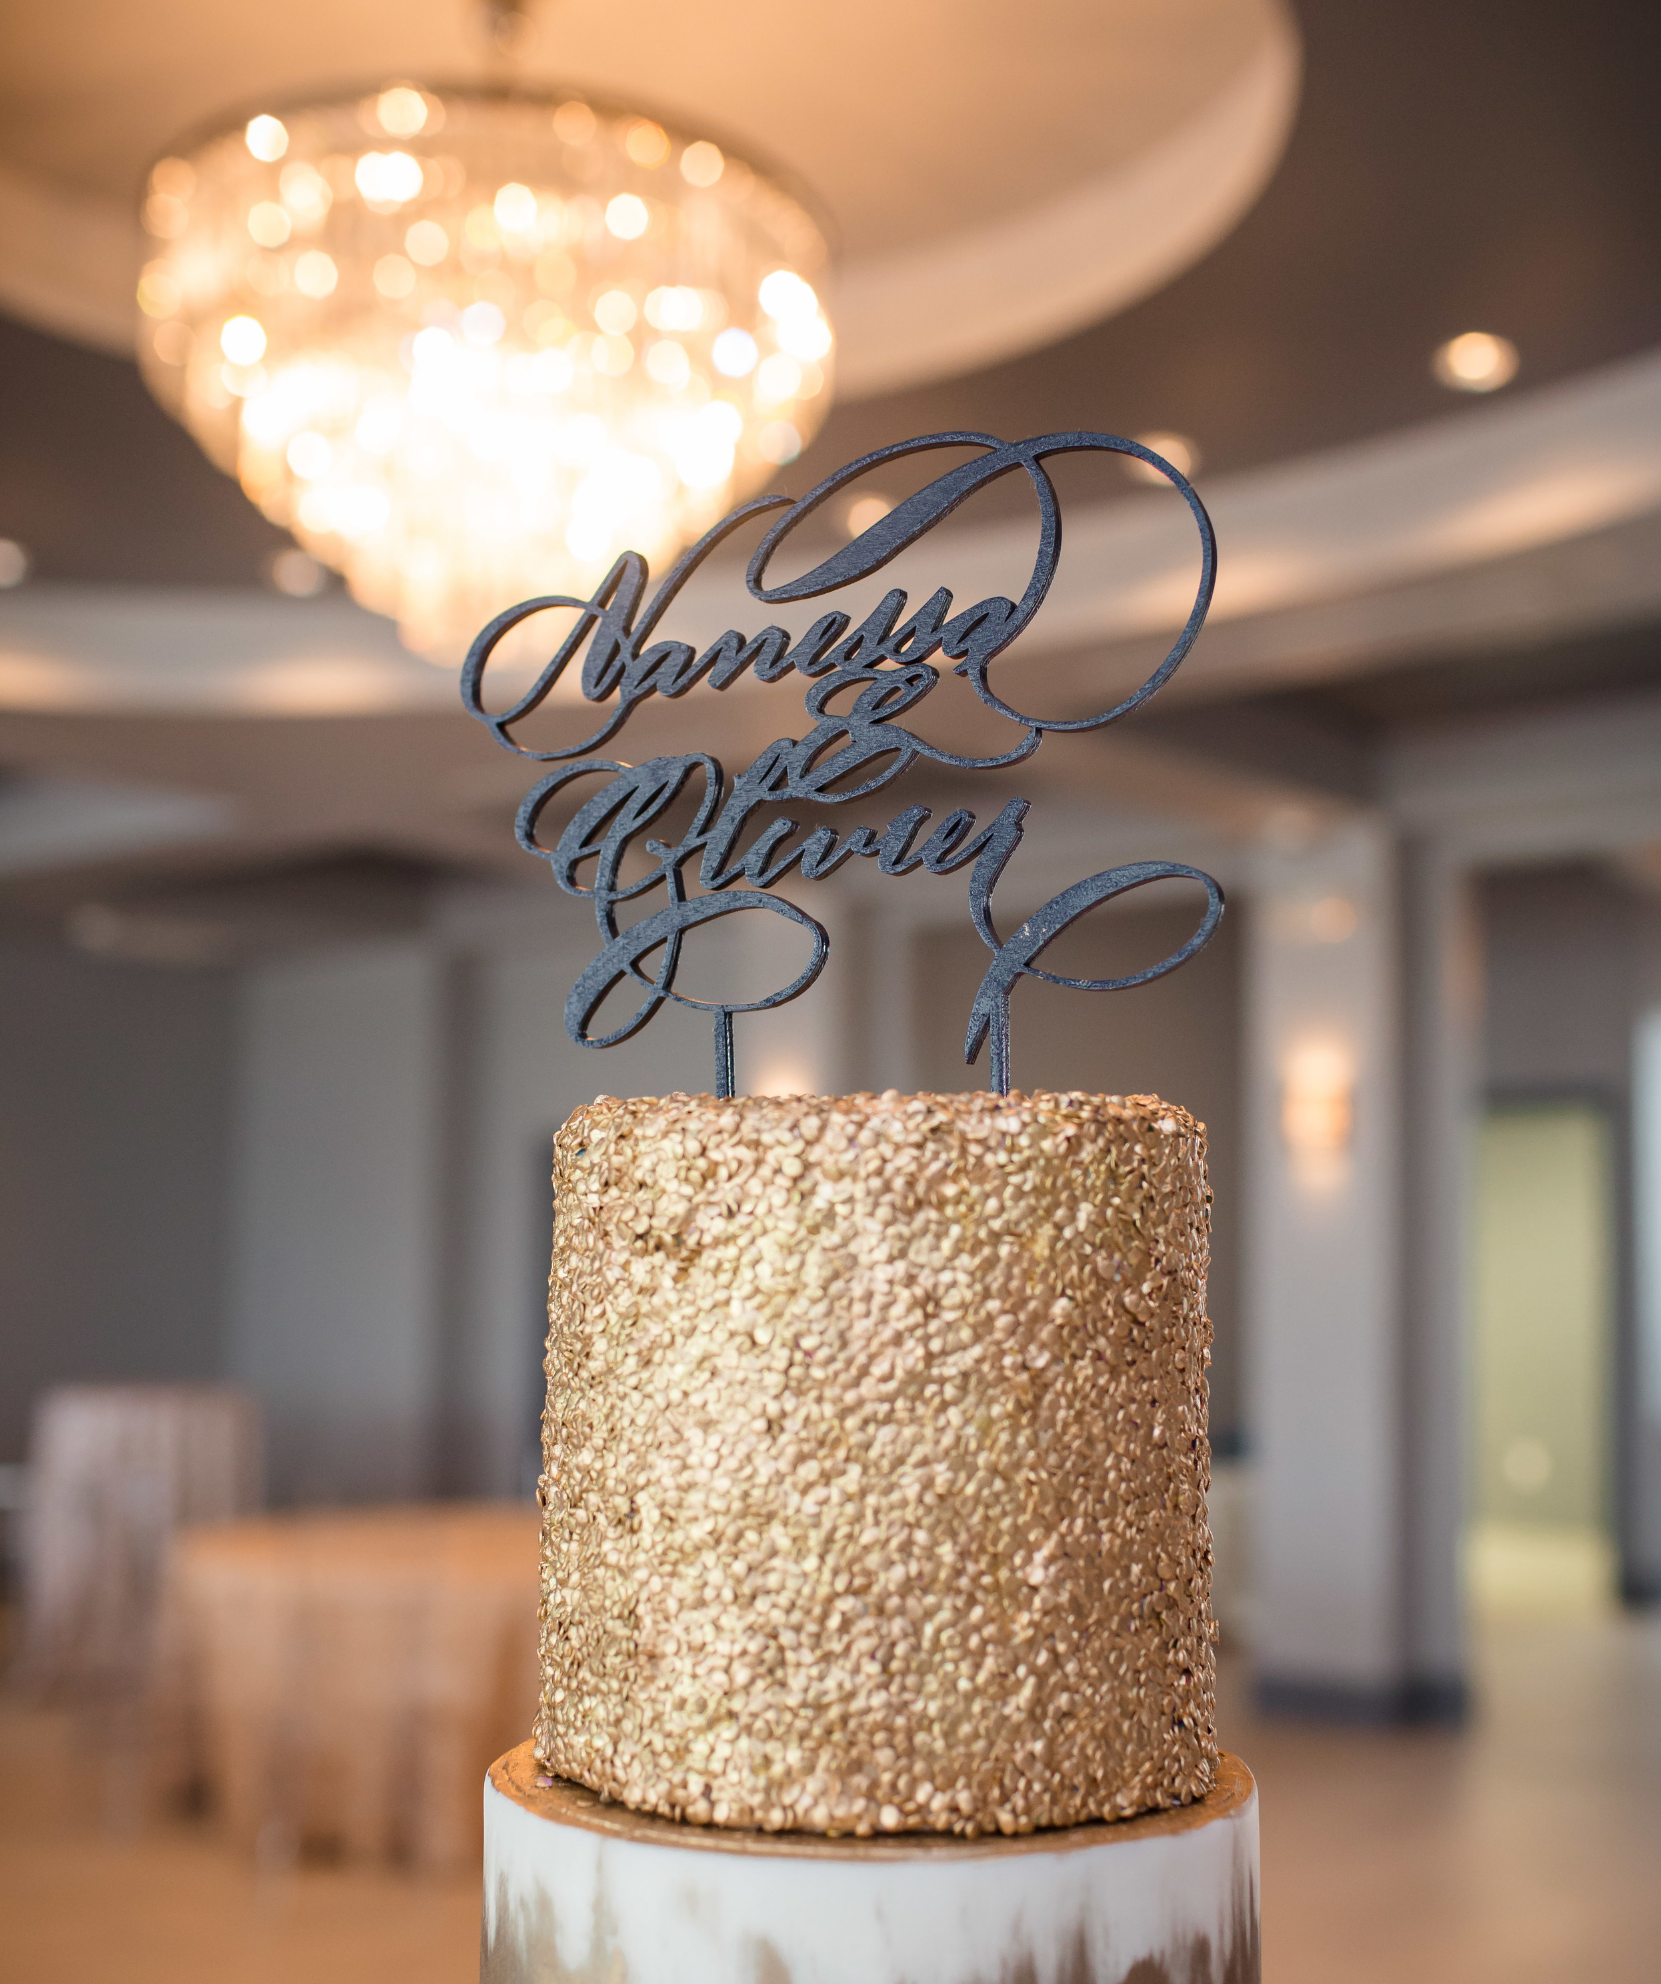 Houston Calligrapher Cake Topper.jpg